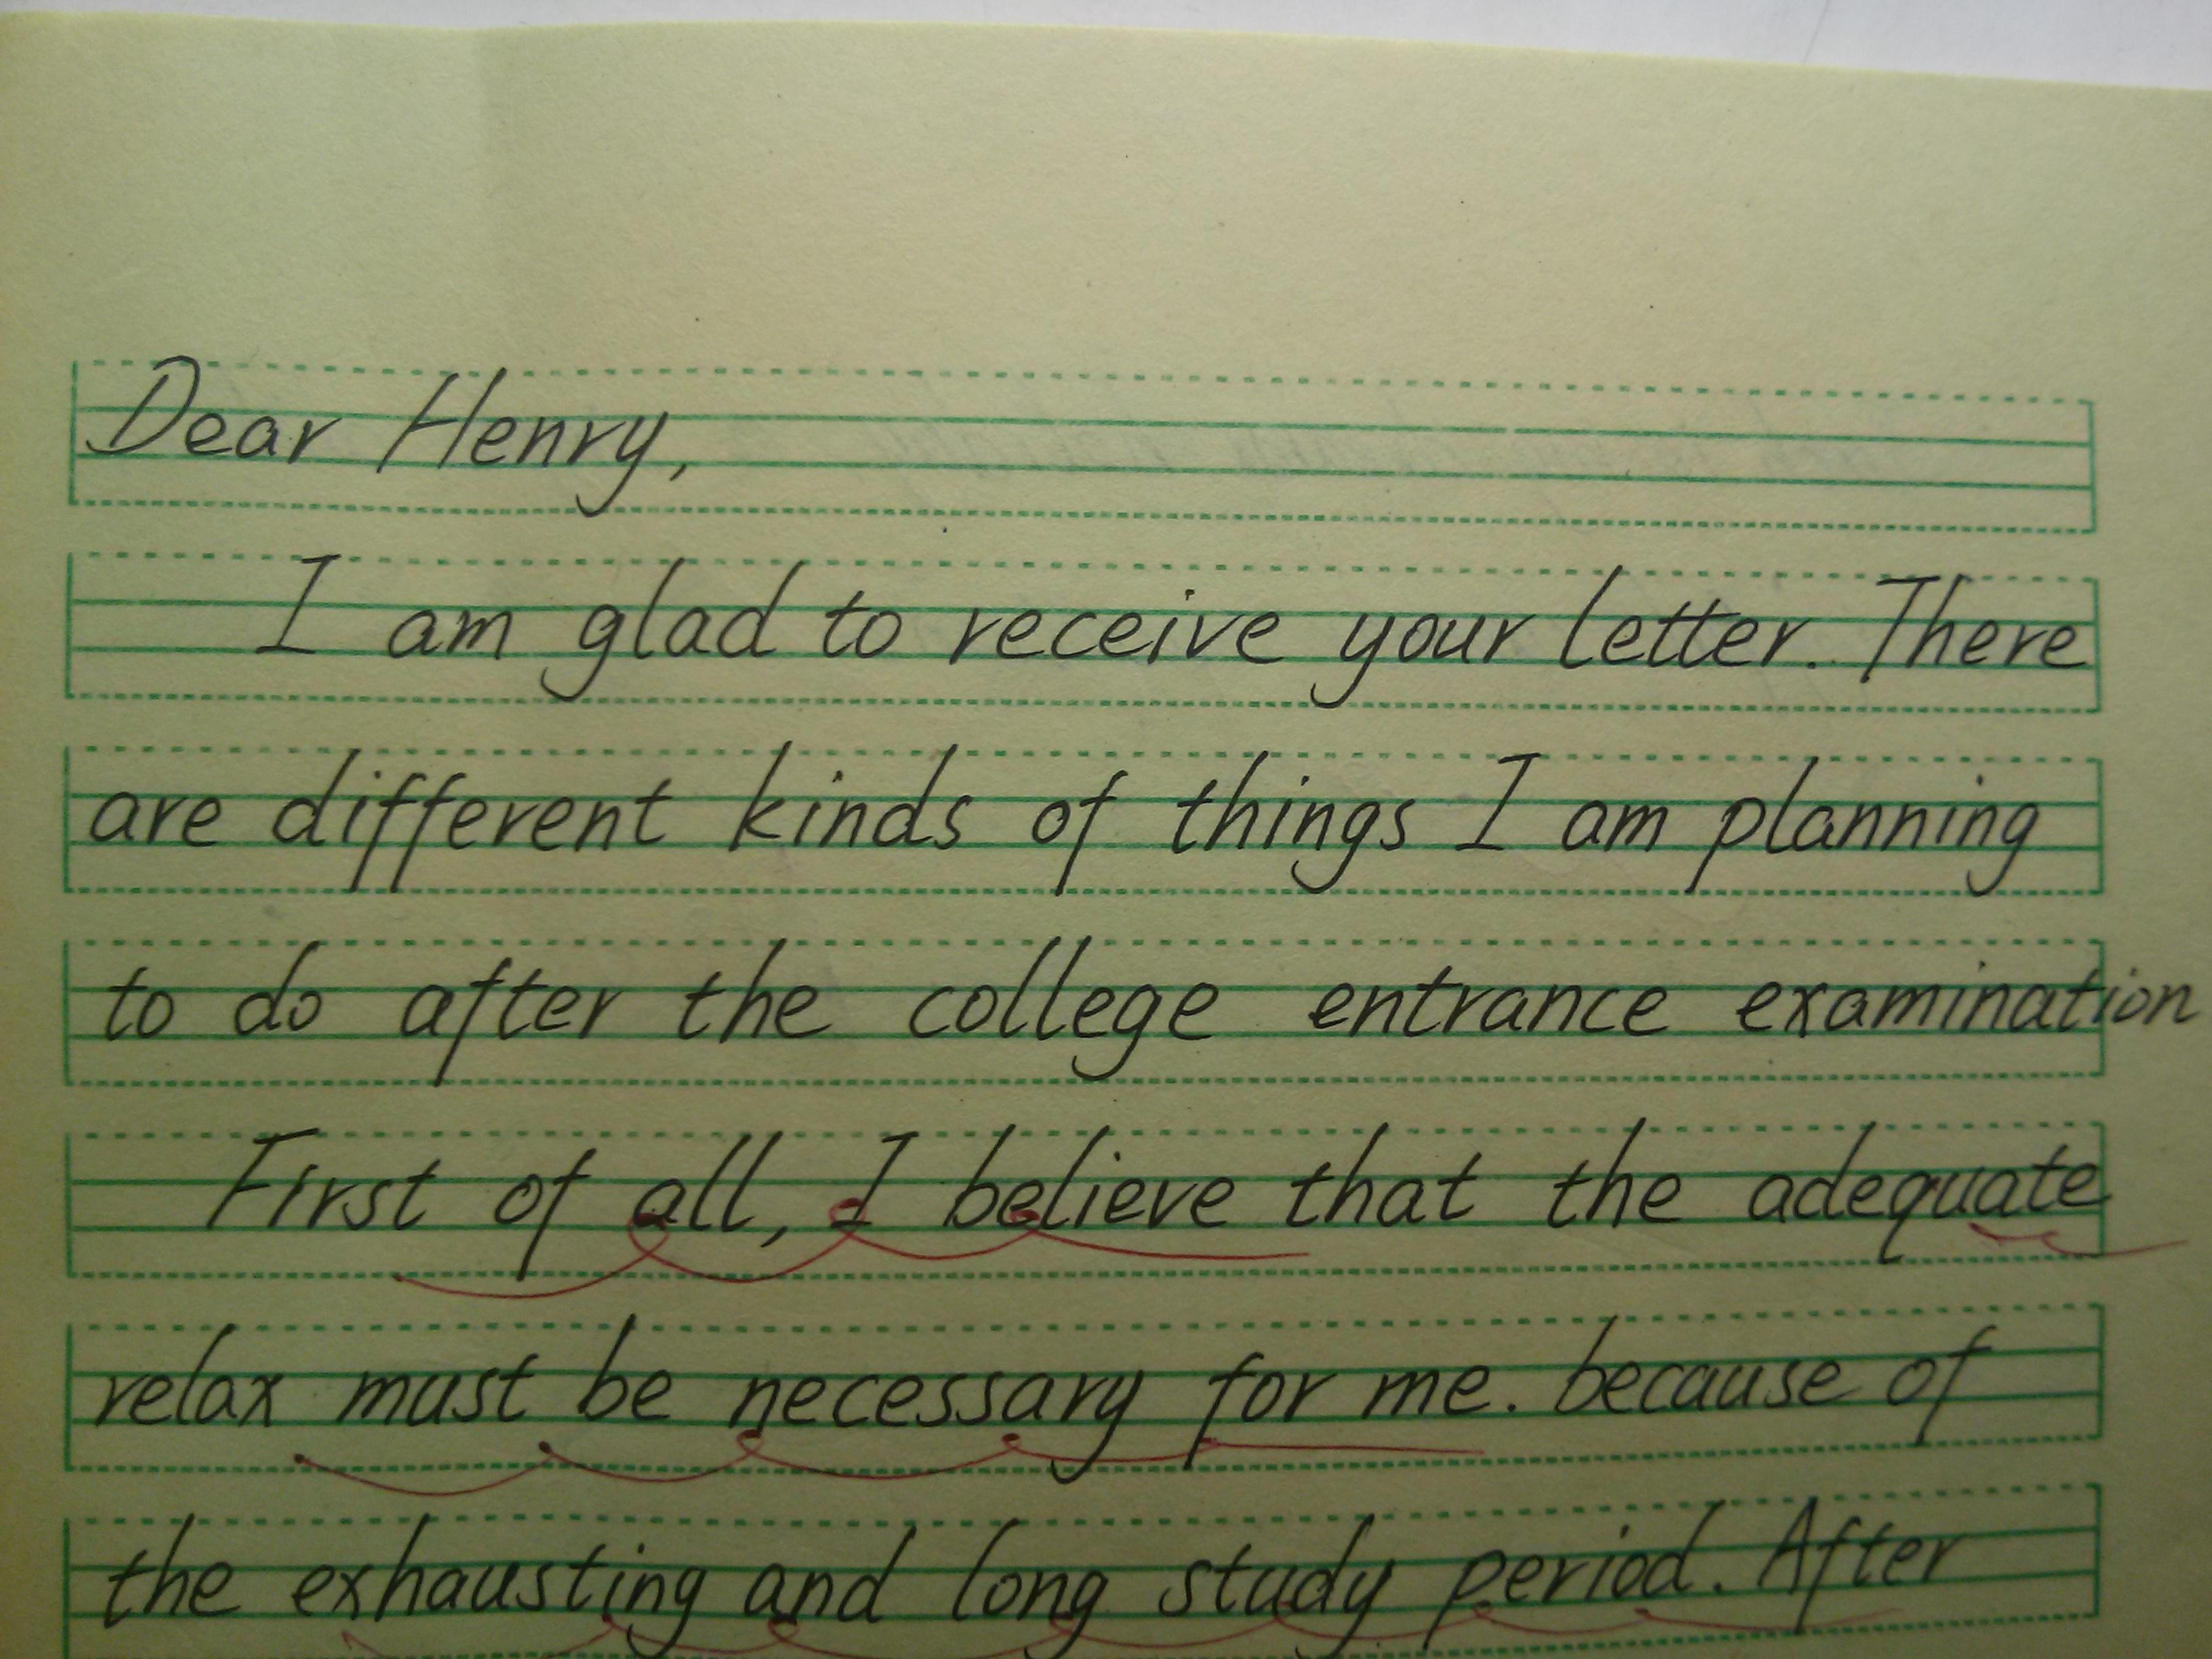 我们上学接受的英文书写训练是否是正确的?外国人手写